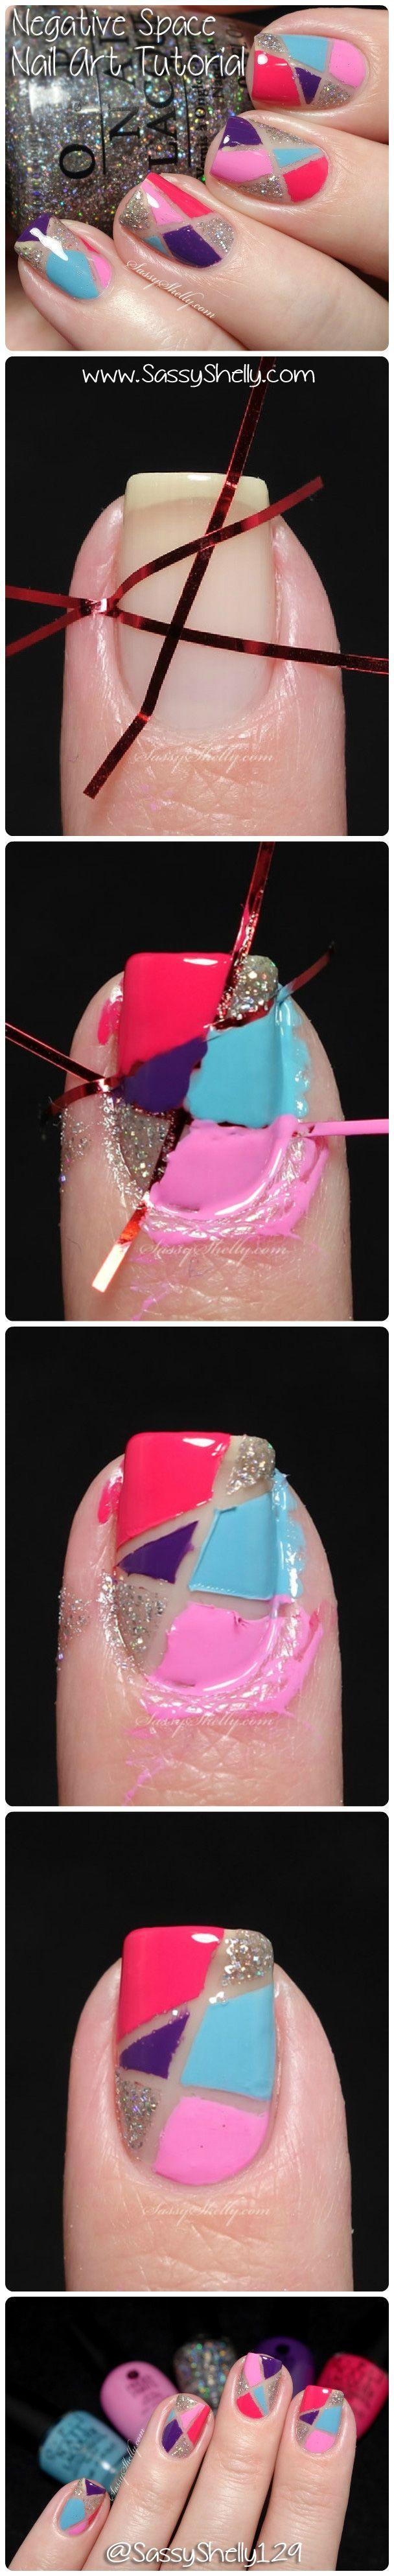 Nail Art Tutorial: geometric negative space manicure #SoCutex